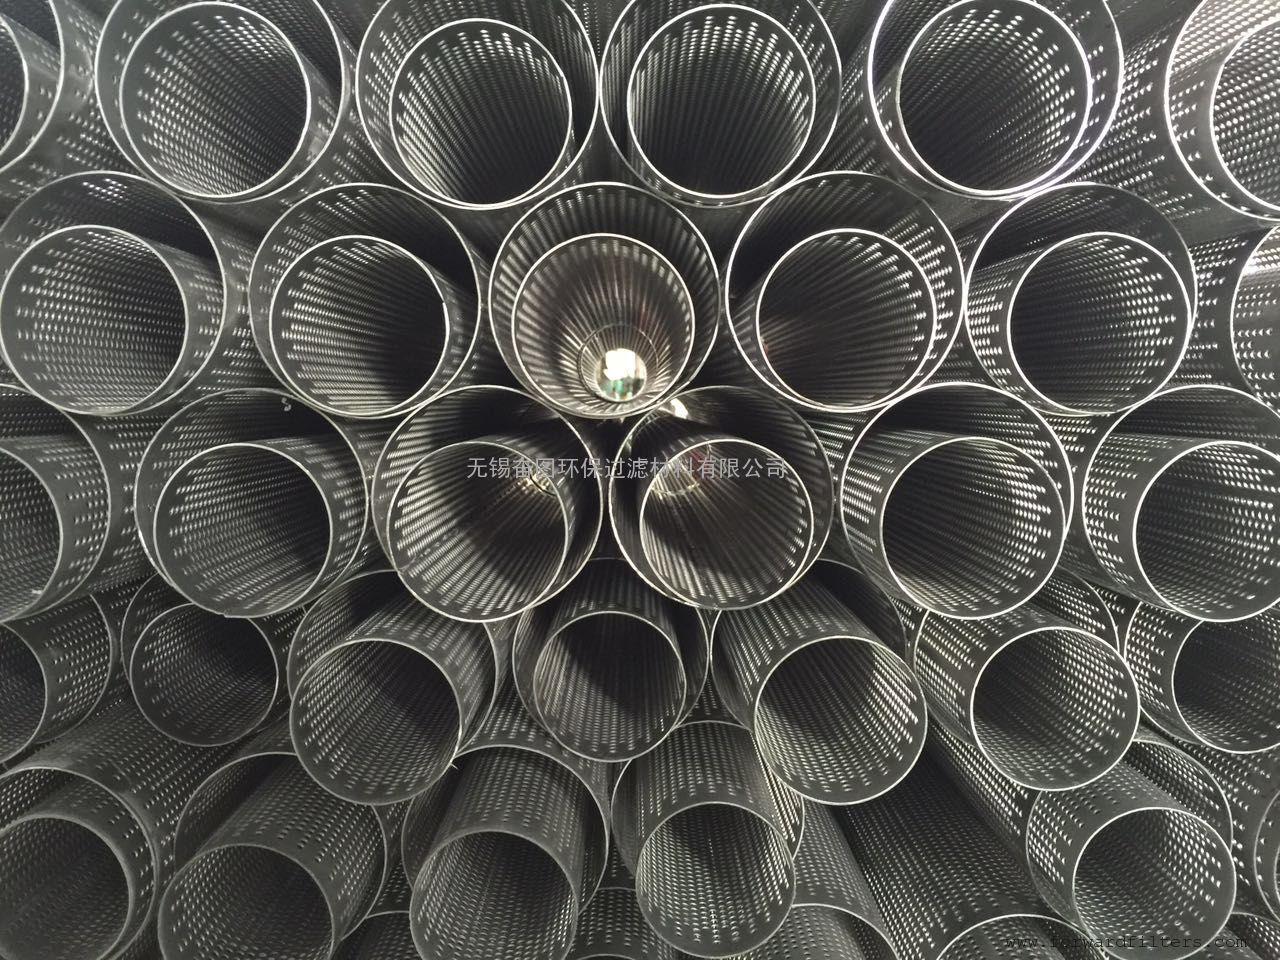 翻边焊螺旋管 冲孔管 网孔管 中心管 滤芯骨架 螺旋焊 搭边焊